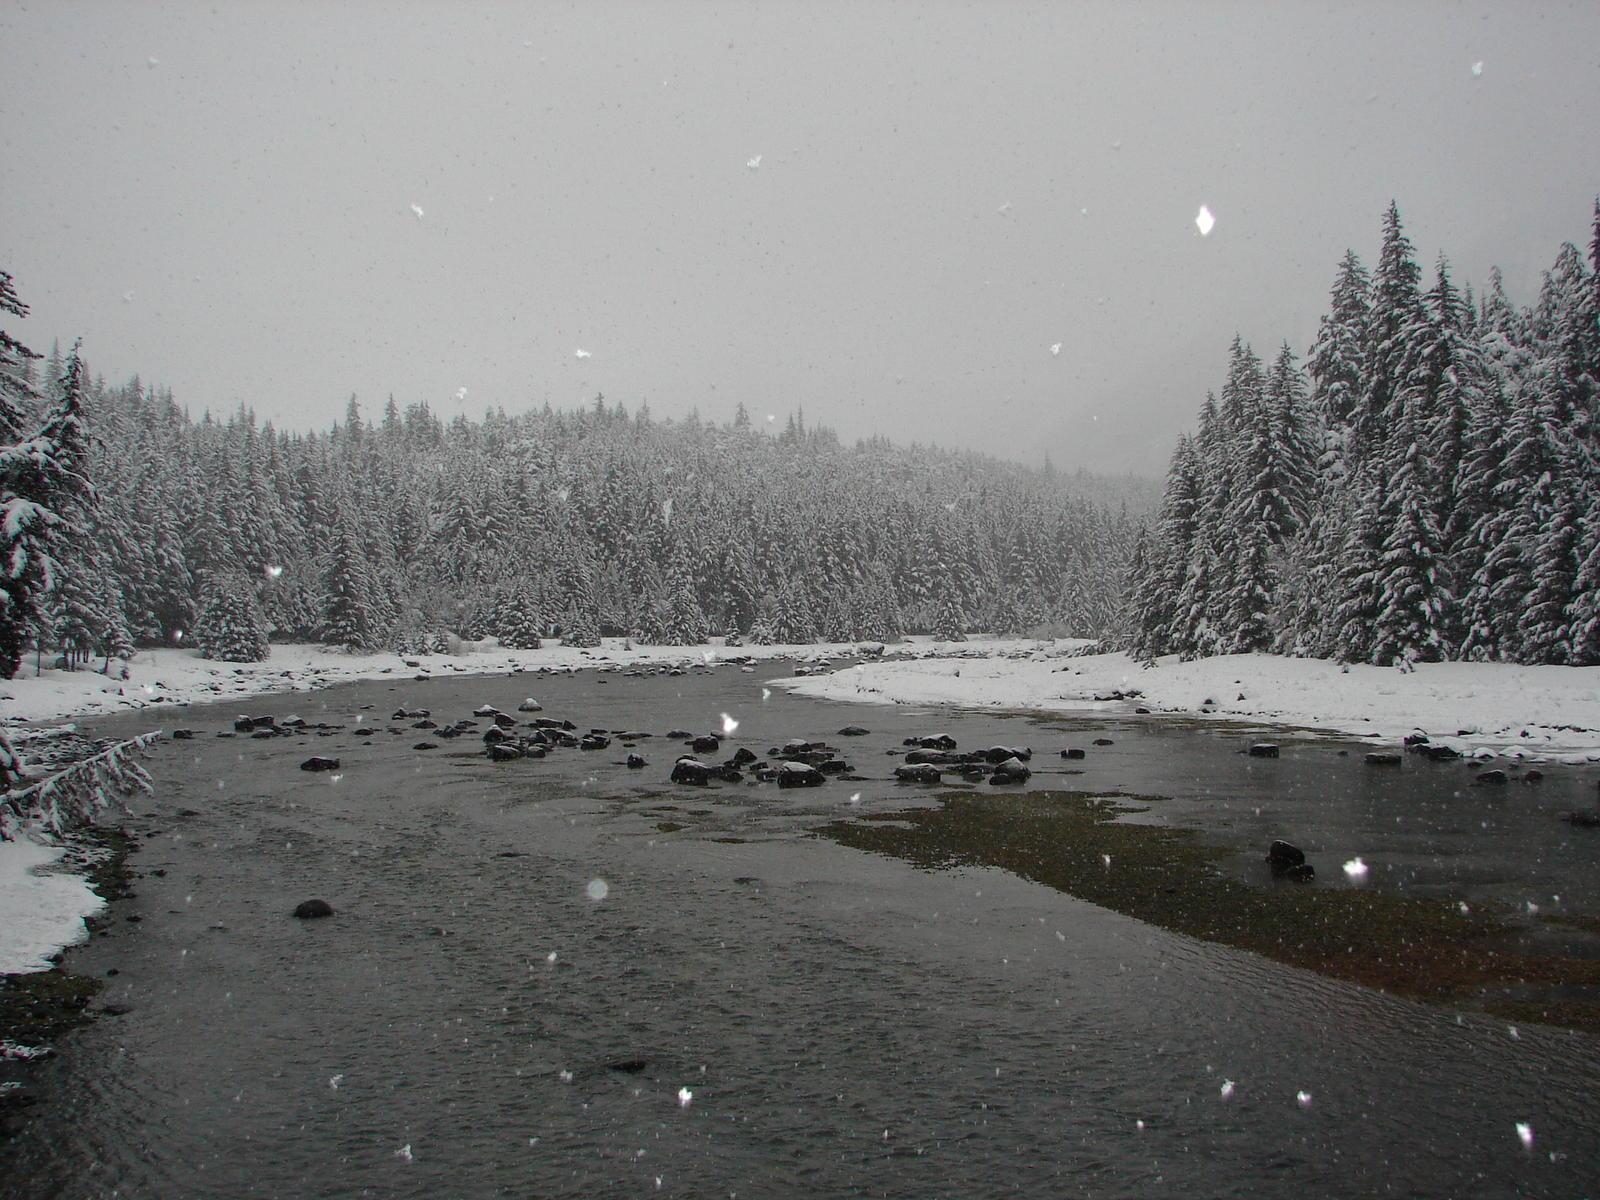 Alaska haines county -  Haines Alaska Spring Snowfall Jpg